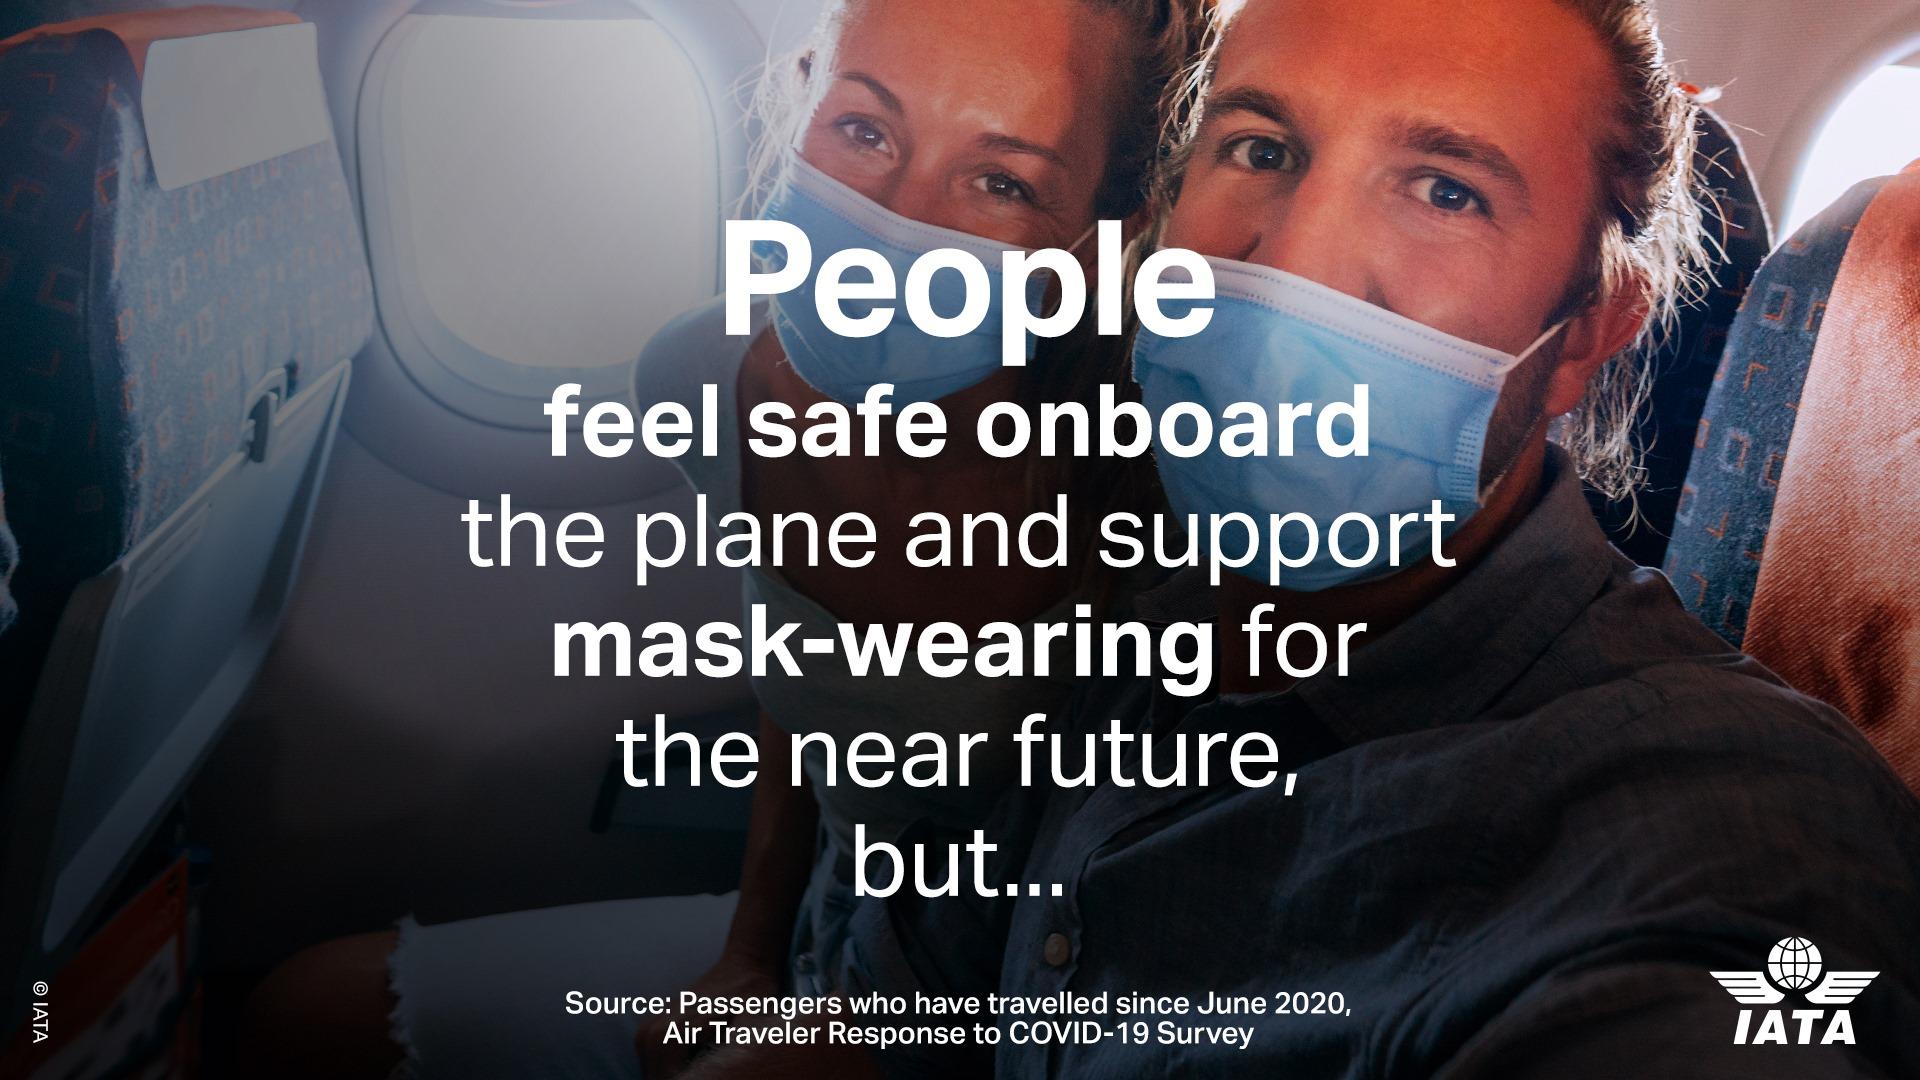 Rebeldía ante cubrebocas duplica casos de conducta físicamente abusiva en aviones: IATA